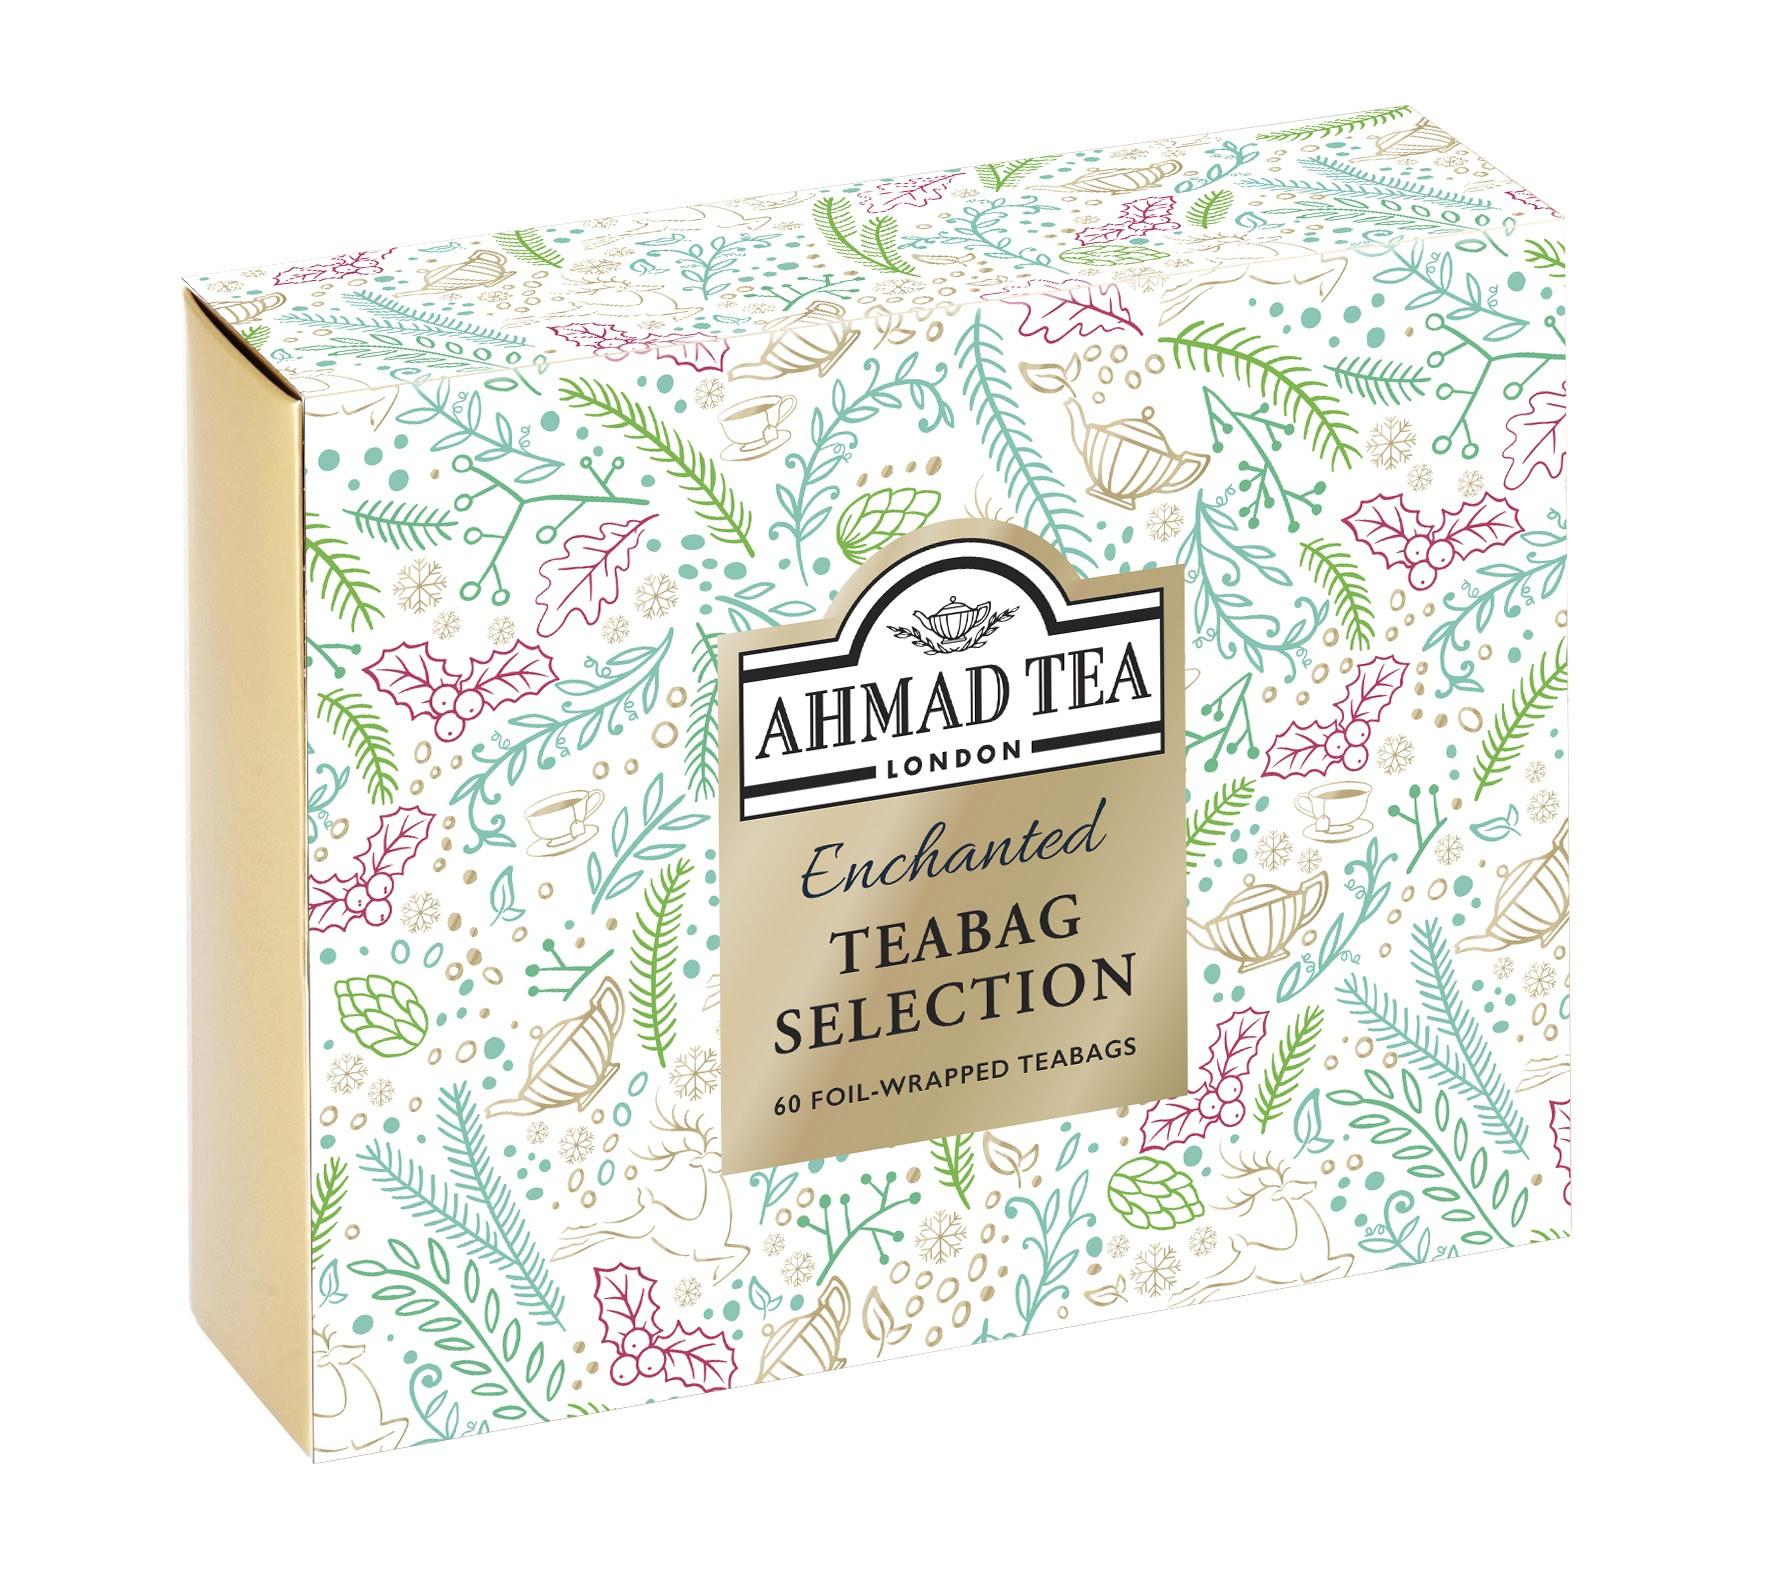 Ahmad-Tea-London-Enchanted-Selection-60-Alu-2028